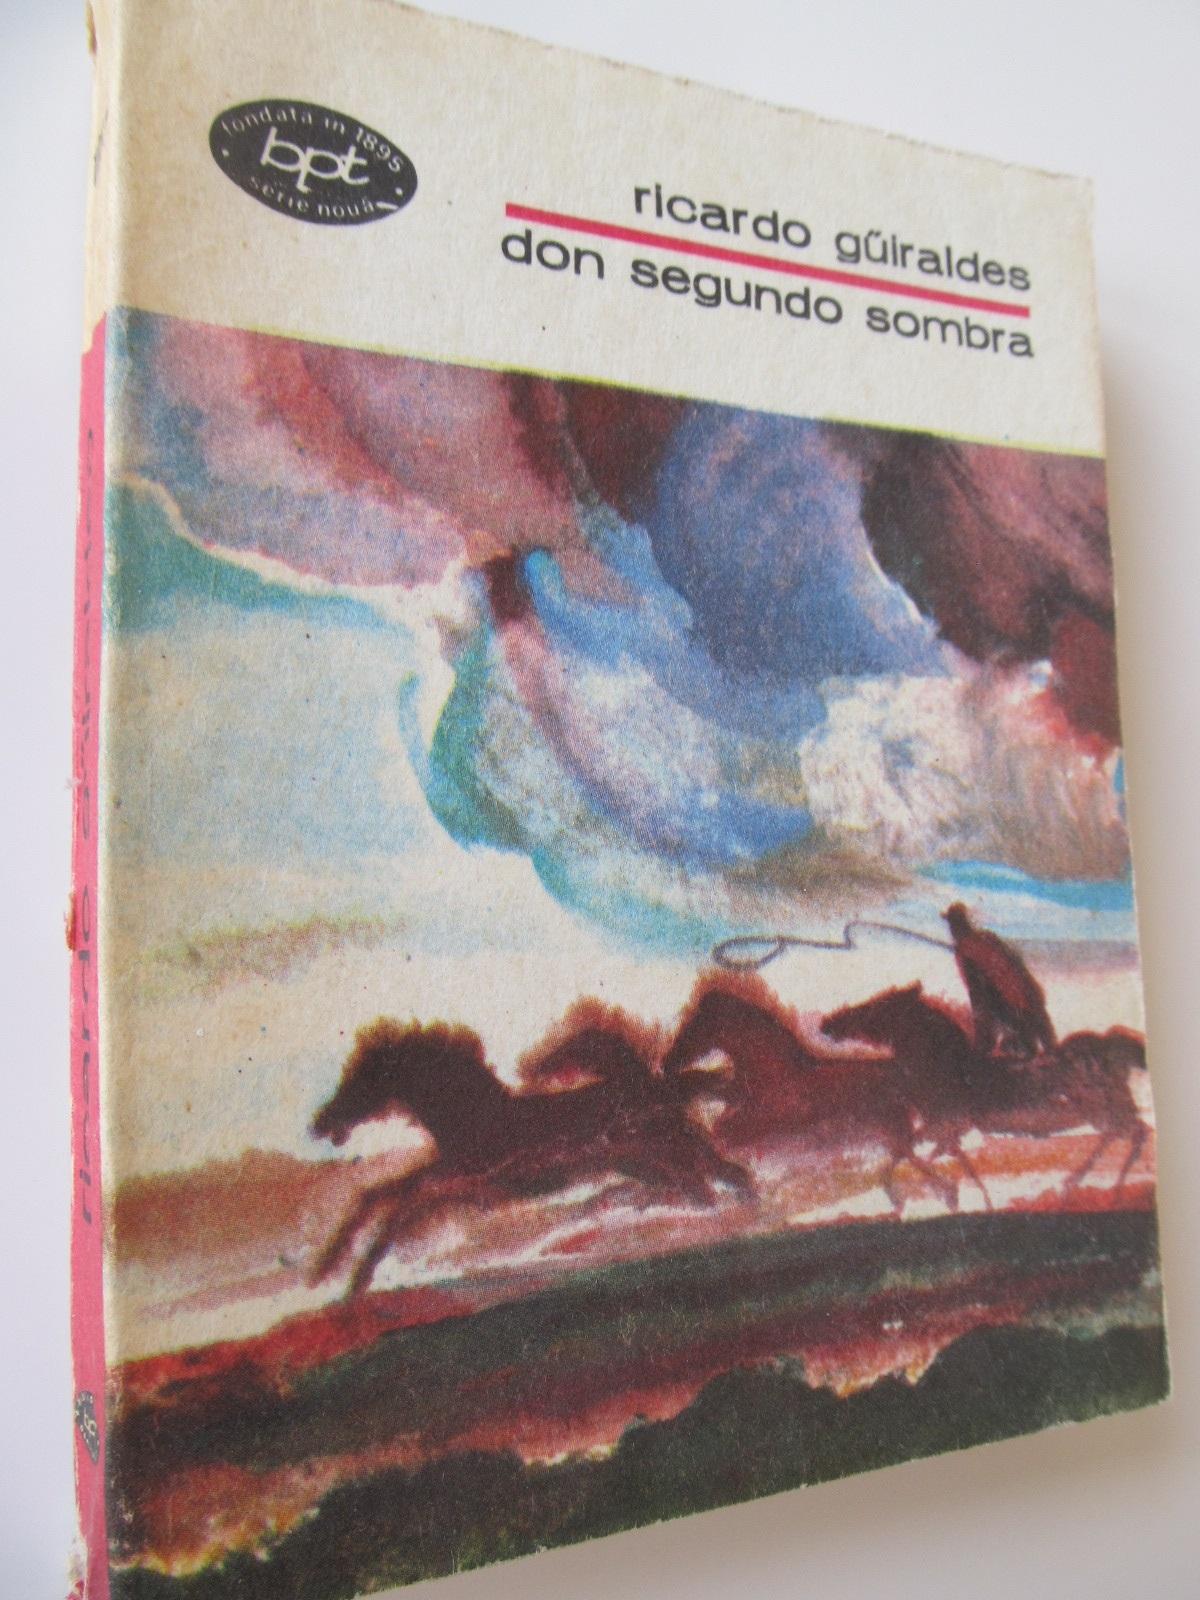 Don Segundo Sombra - Ricardo Guiraldes | Detalii carte